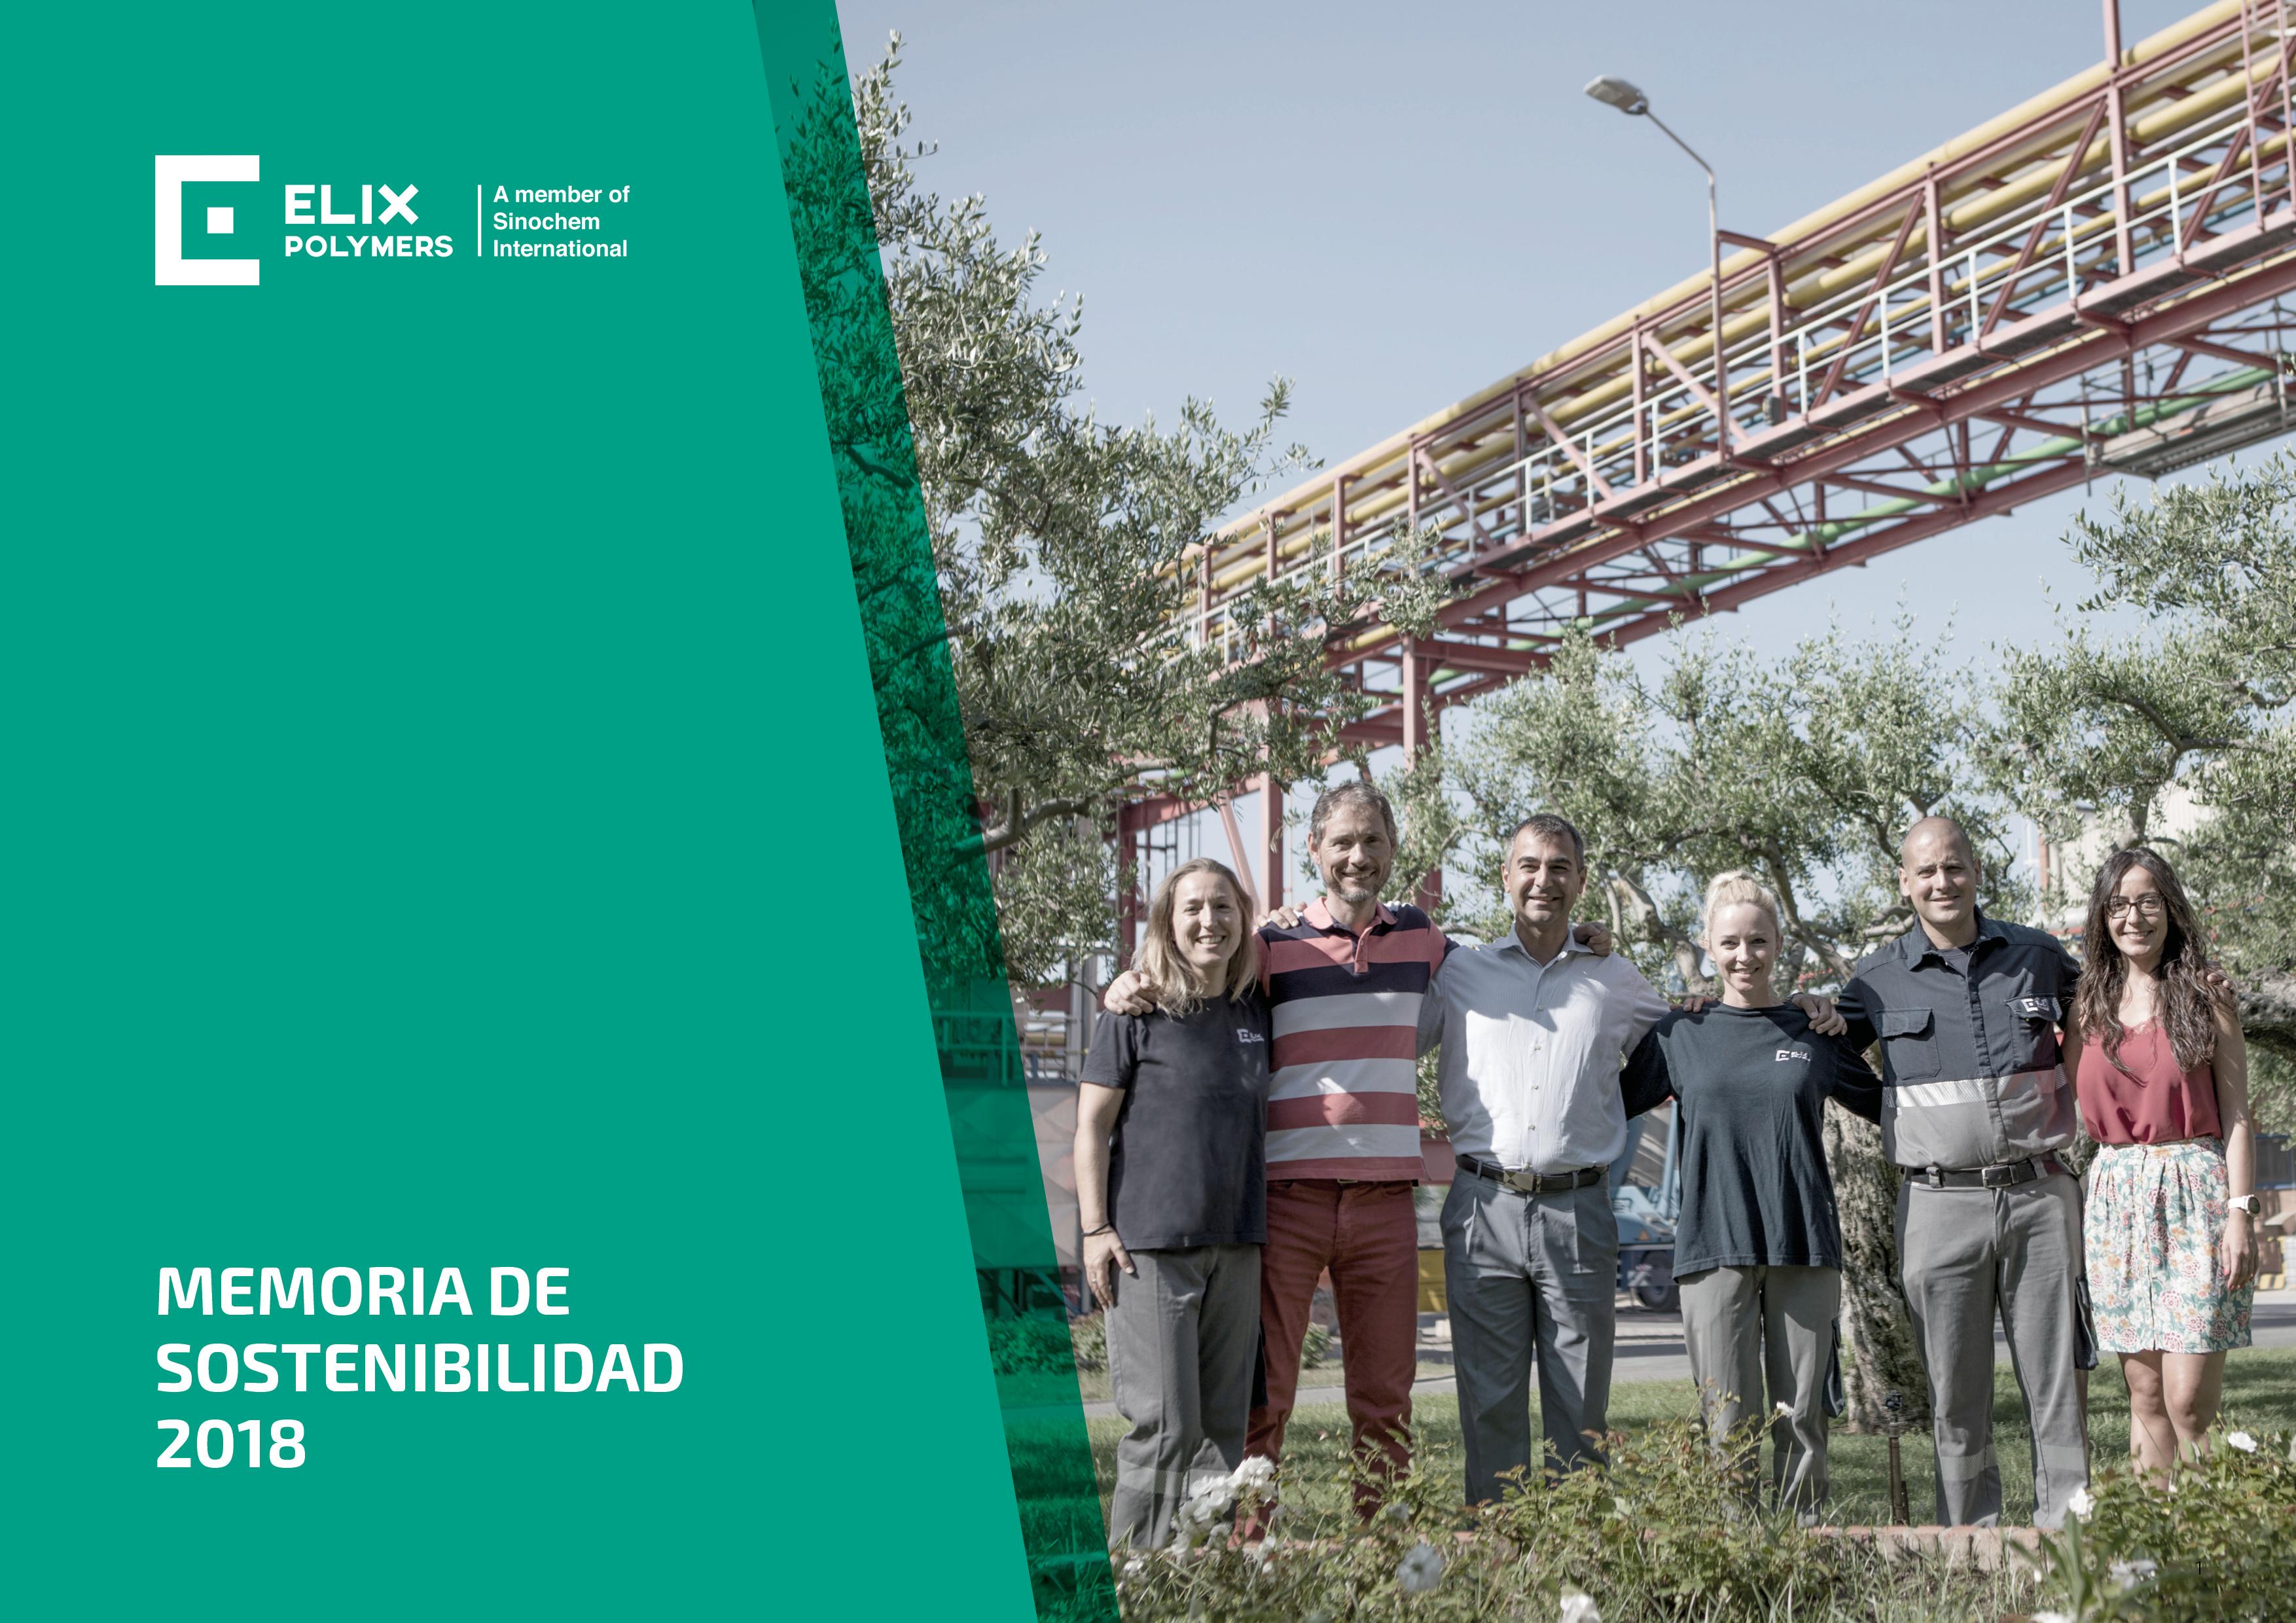 ELIX Polymers publica memoria sostenibilidad 2018